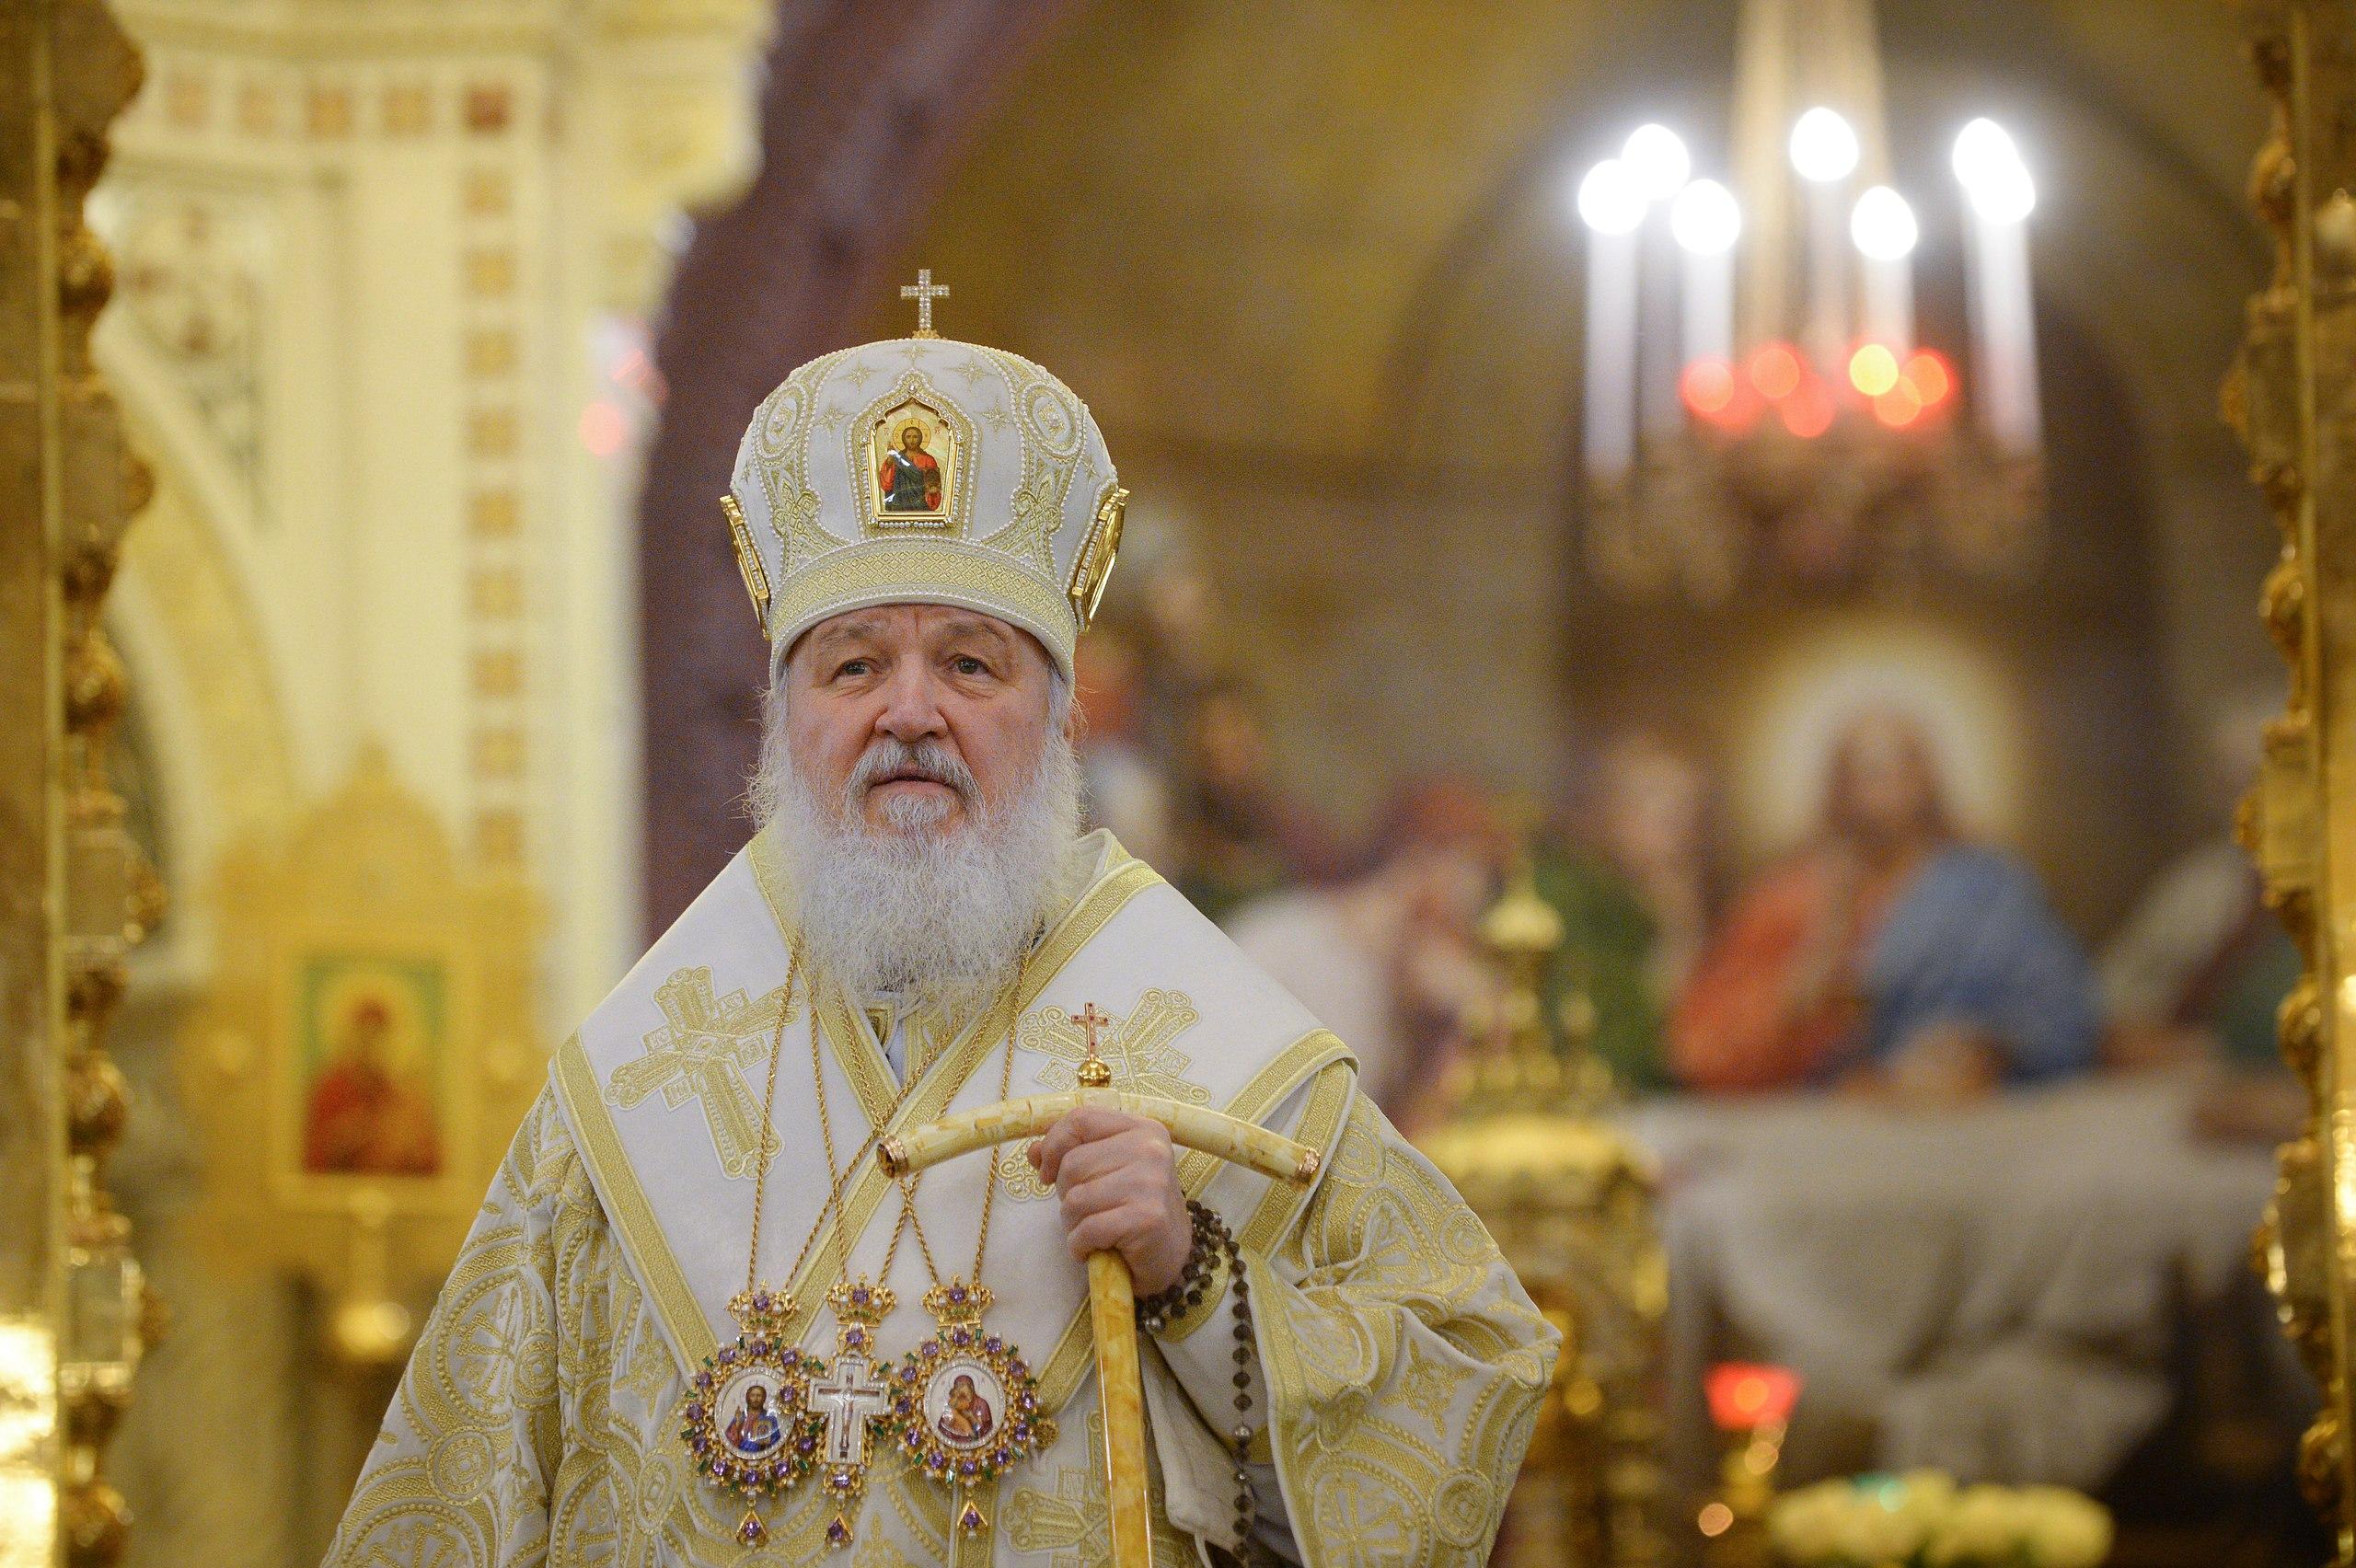 Проповедь Святейшего Патриарха Московского и всея Руси Кирилла перед началом новогоднего молебна 31 декабря 2017 года